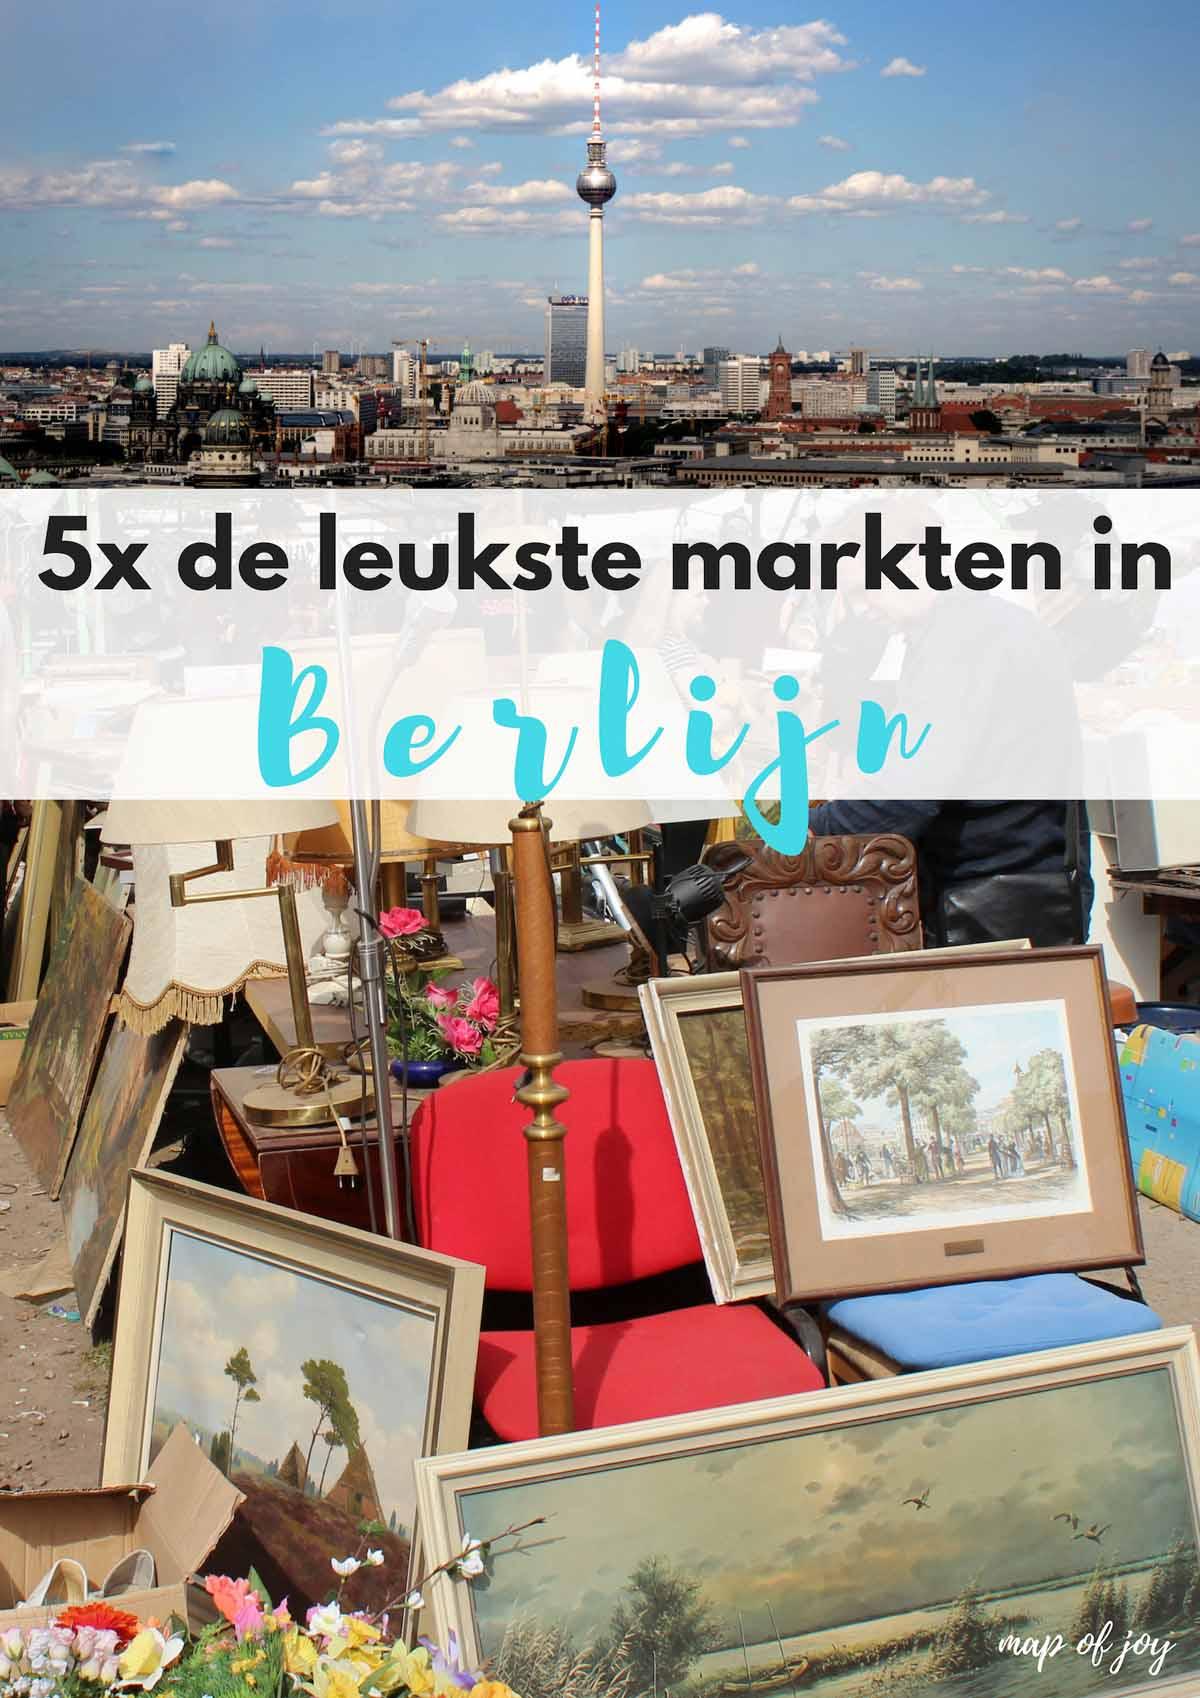 5x de leukste markten in Berlijn - Map of Joy